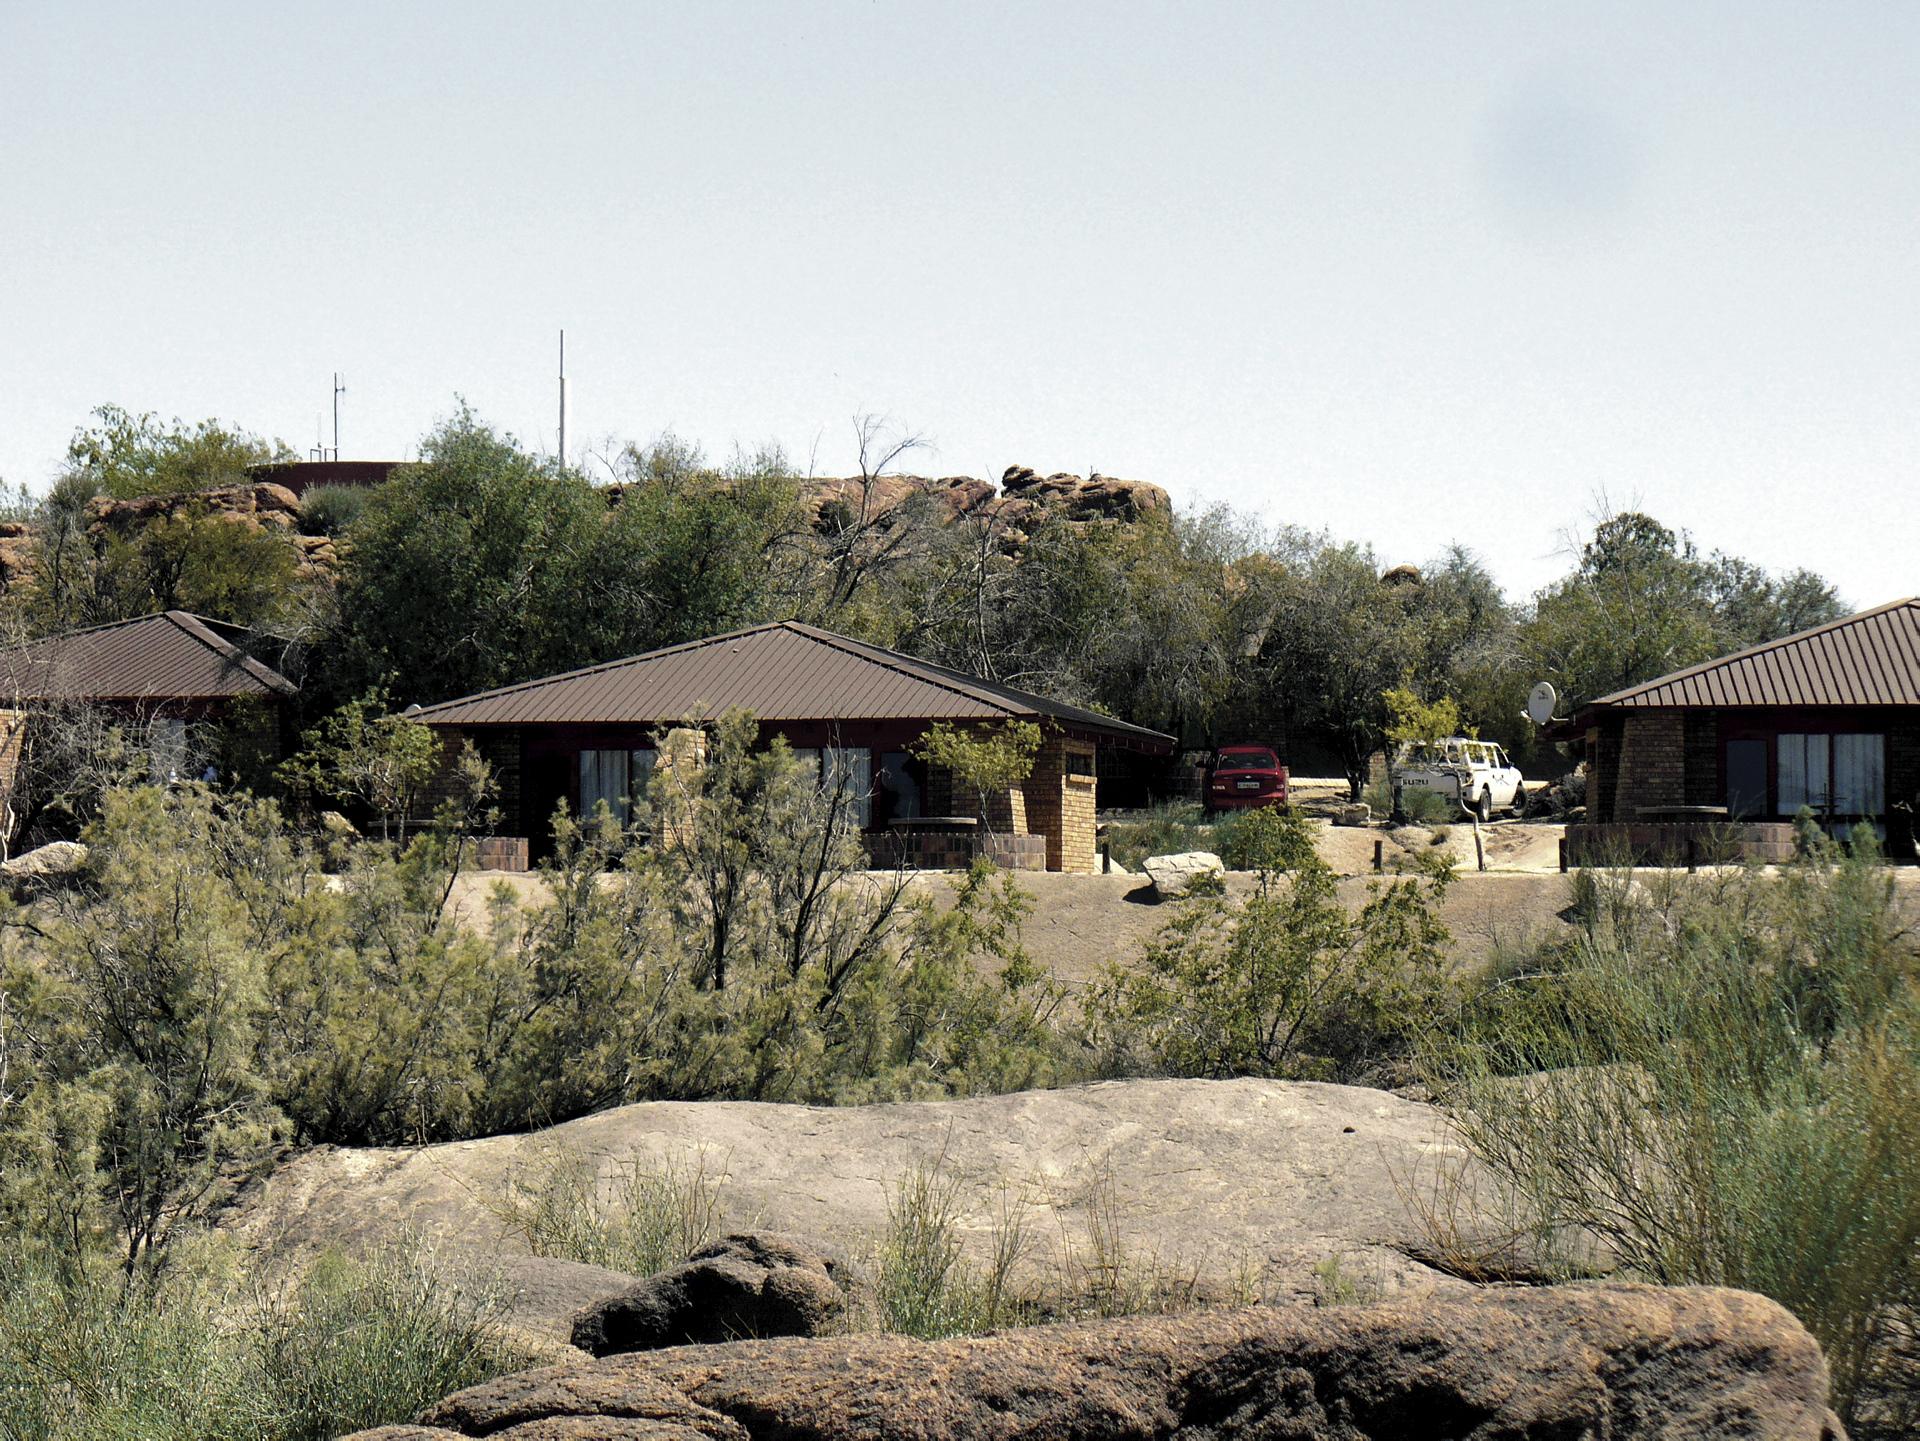 Augrabies Restcamp